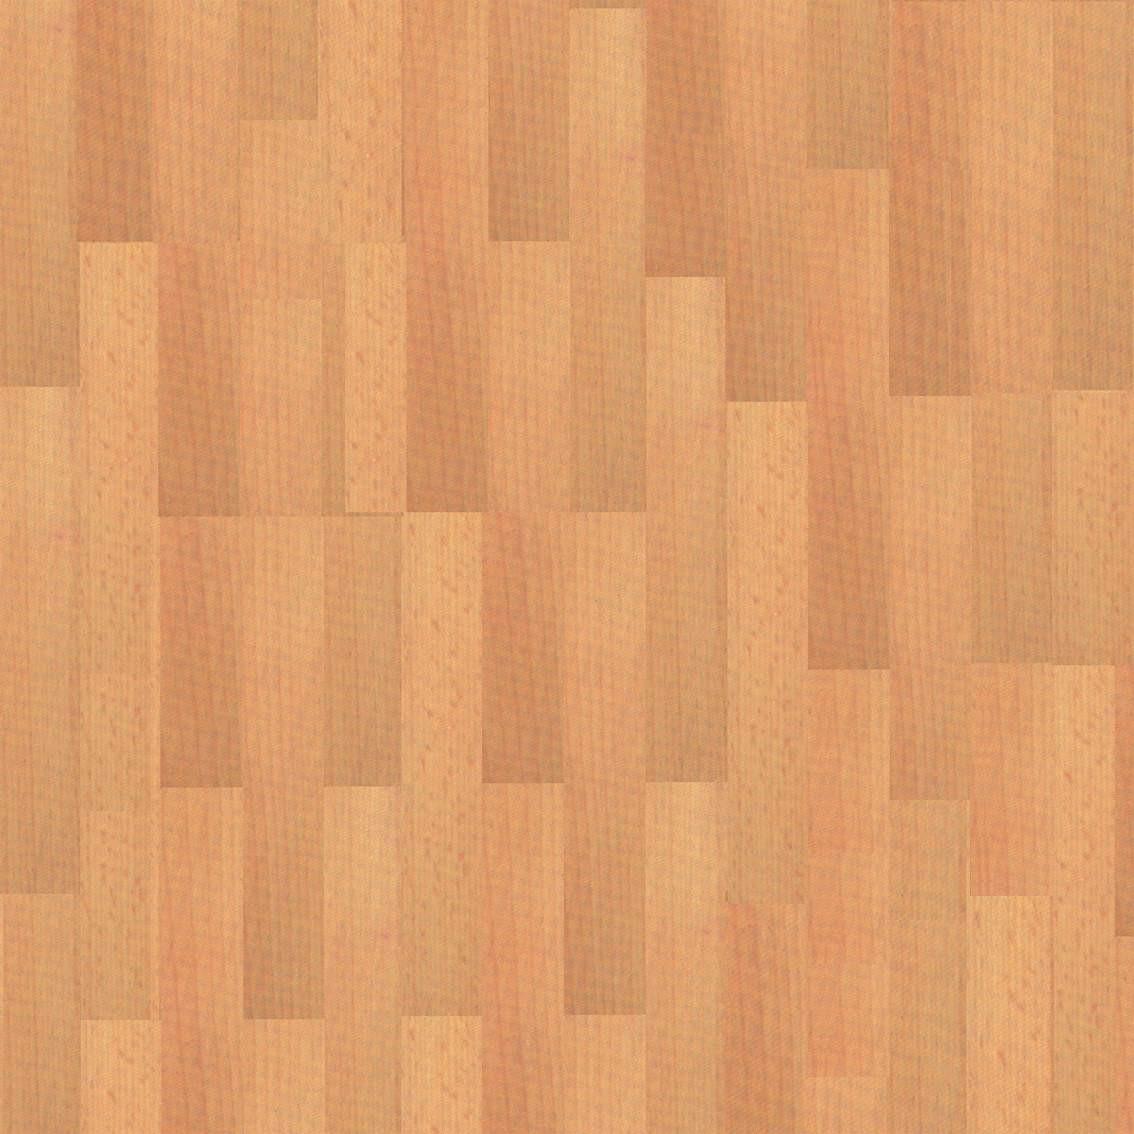 木地板贴图 木地板贴图 木材贴图 设计本3dmax材质贴图库